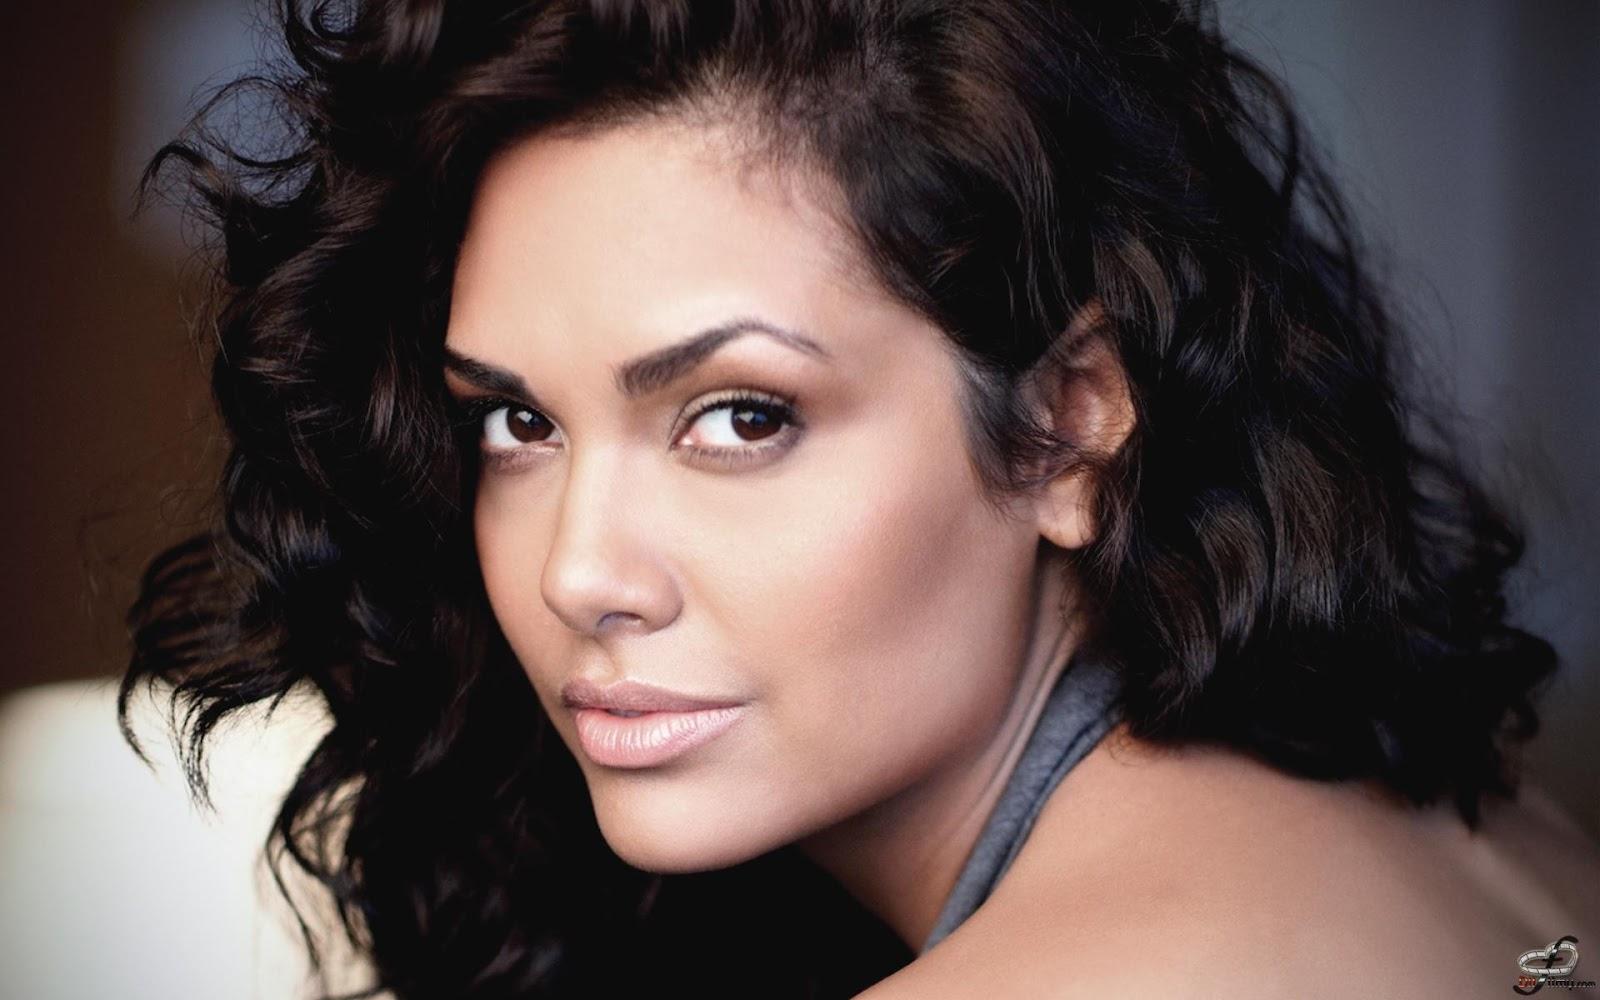 http://1.bp.blogspot.com/-W5rjpNfVapY/T5-Q7tn1d8I/AAAAAAAAIY4/o8eLPICkBx8/s1600/Esha-Gupta-Hot-Pictures-Jannat-2-3.jpg